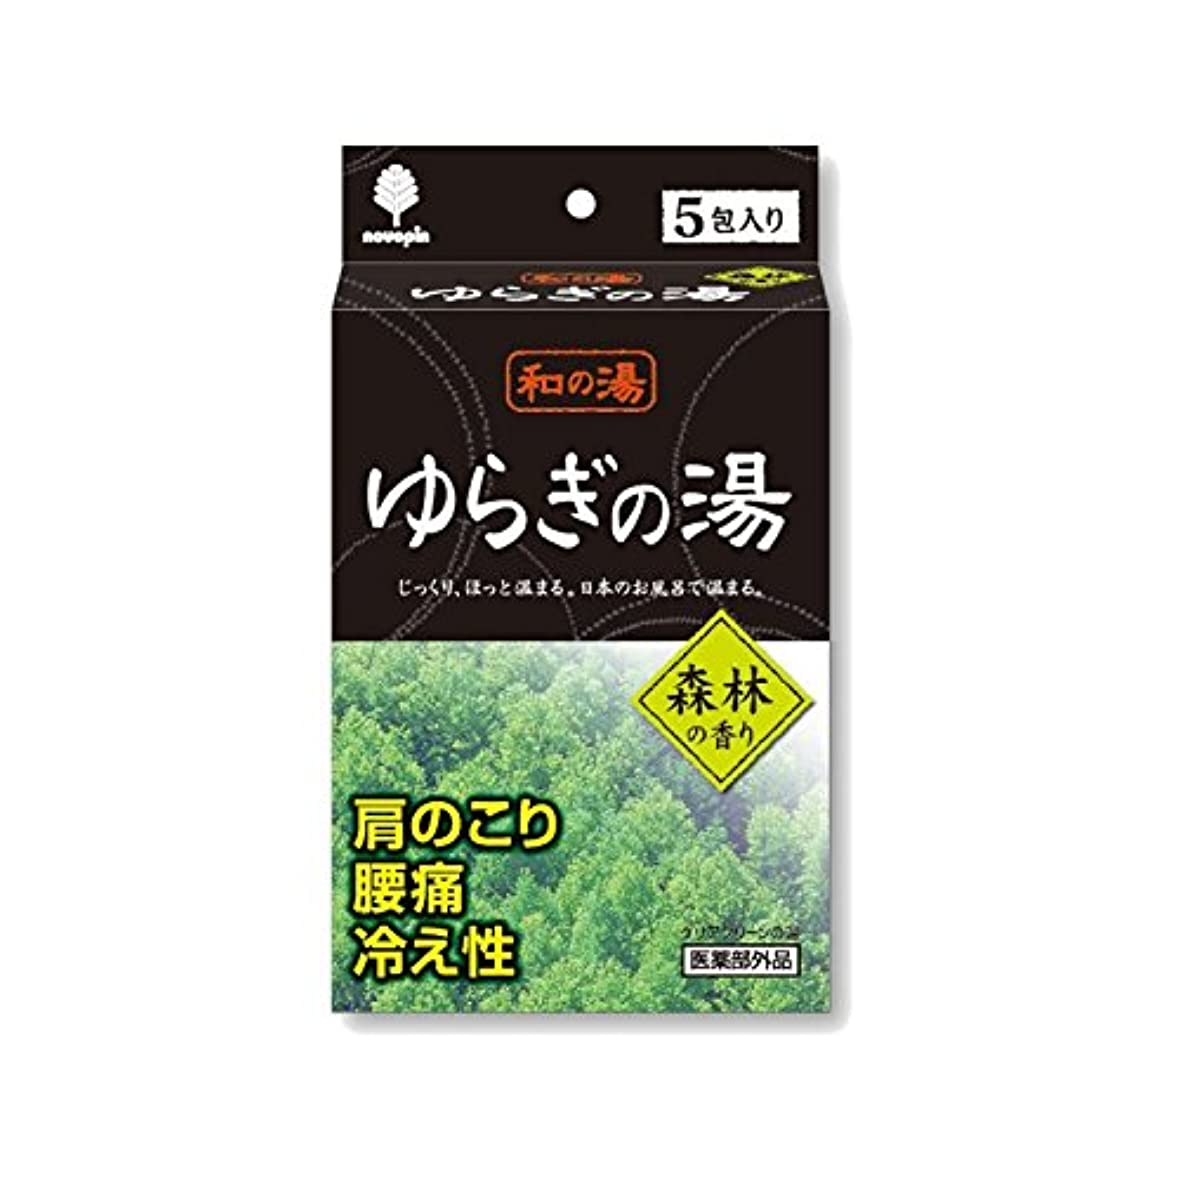 和の湯 ゆらぎの湯 森林の香り(25gx5)x10